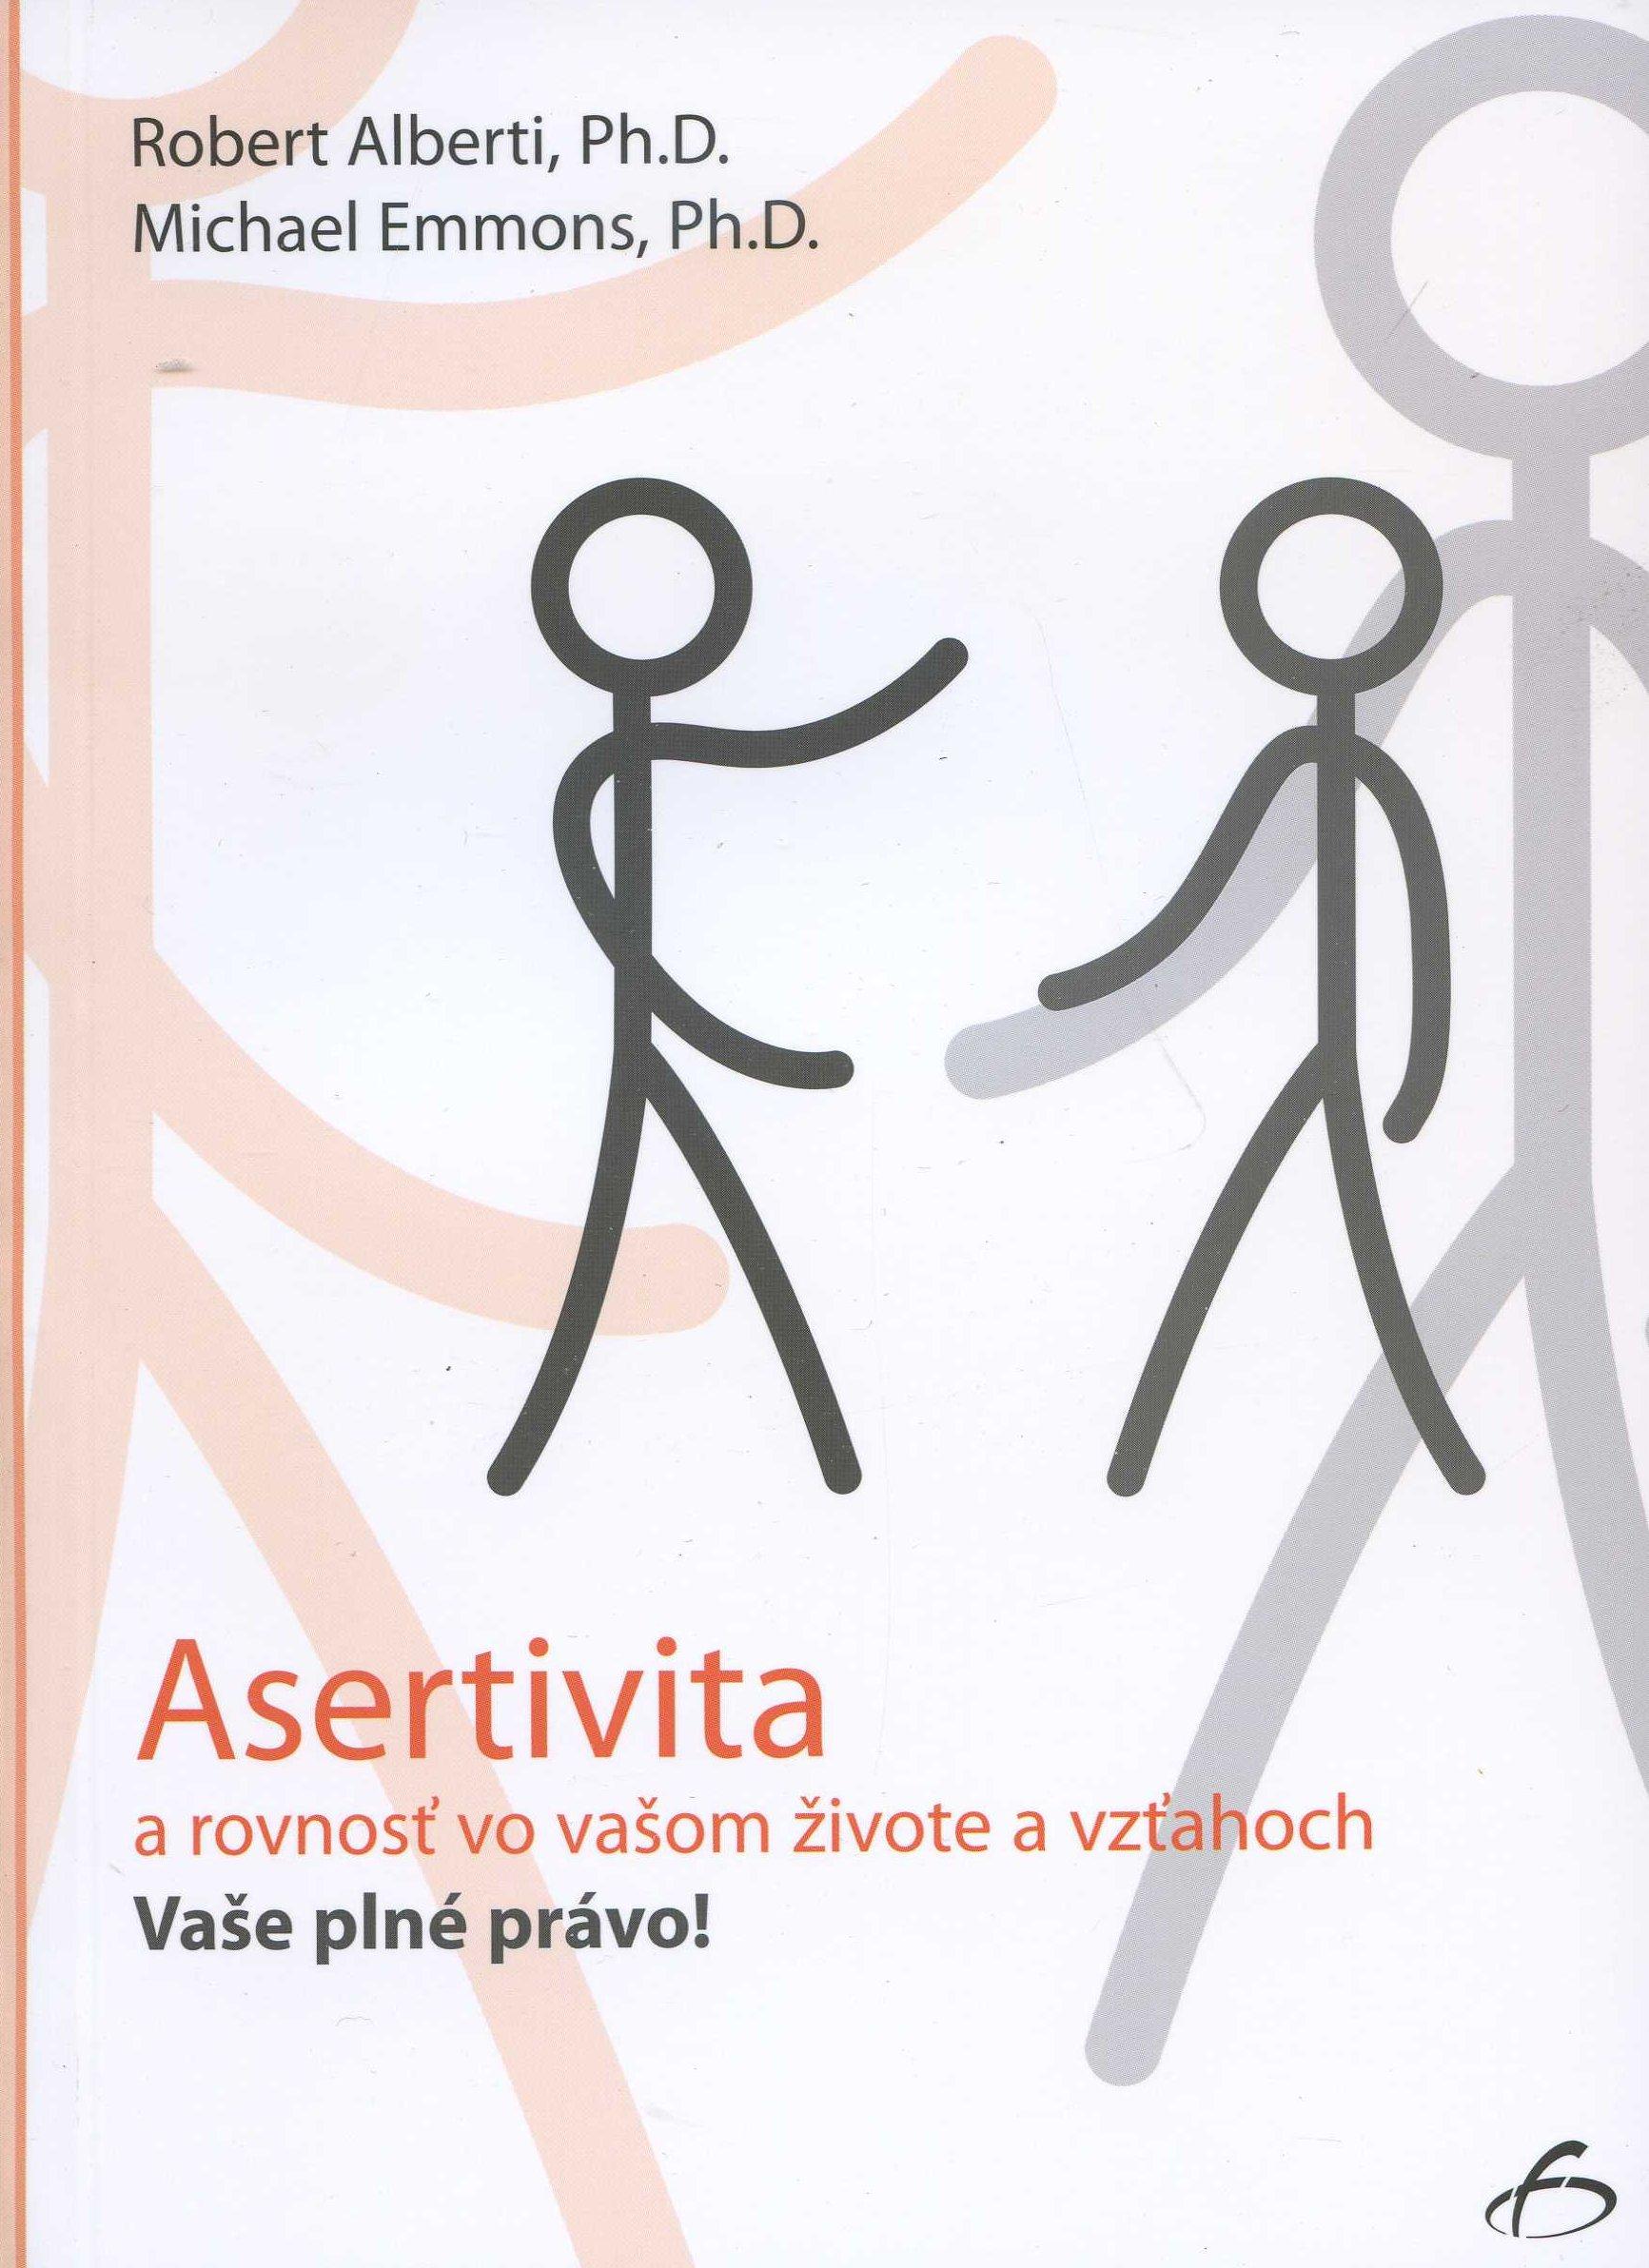 Asertivita a rovnosť vo vašom živote a vzťahoch - a rovnosť vo vašom živote a vzťahoch / Vaše plné právo!